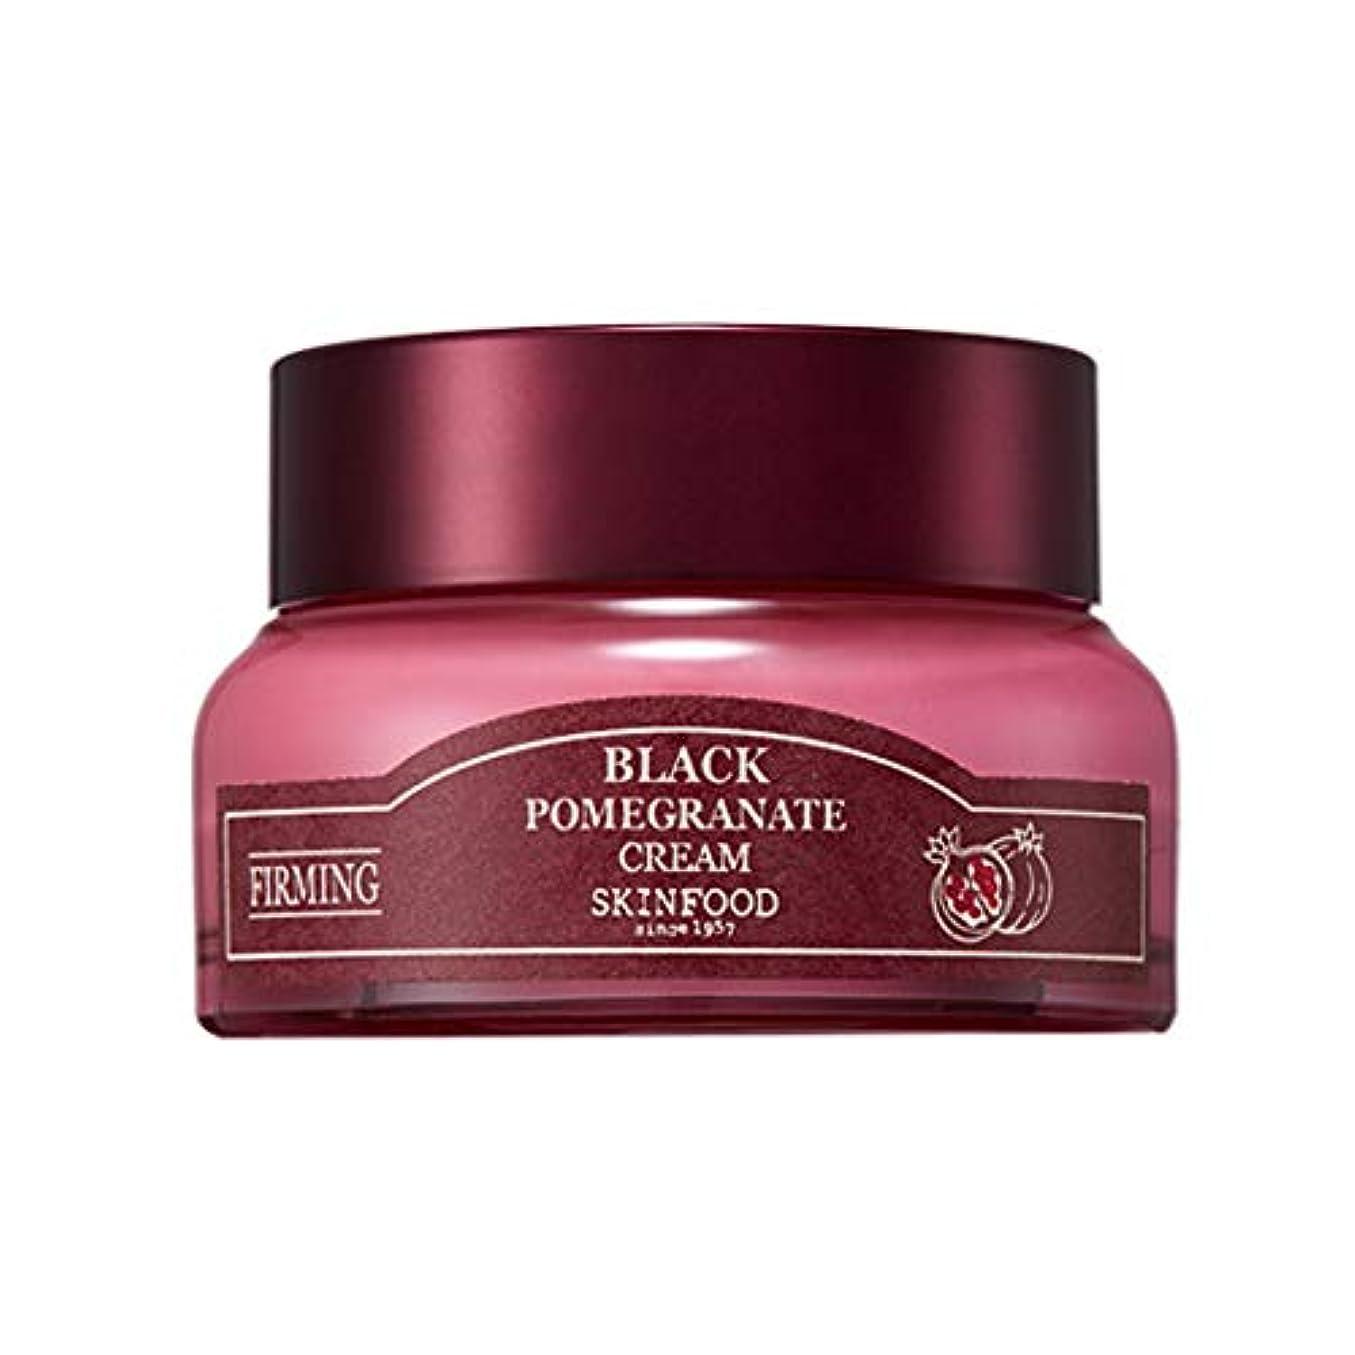 動員する環境に優しい報酬Skinfood 黒ザクロクリーム(しわ防止効果) / Black Pomegranate Cream (Anti-Wrinkle Effect) 54ml [並行輸入品]